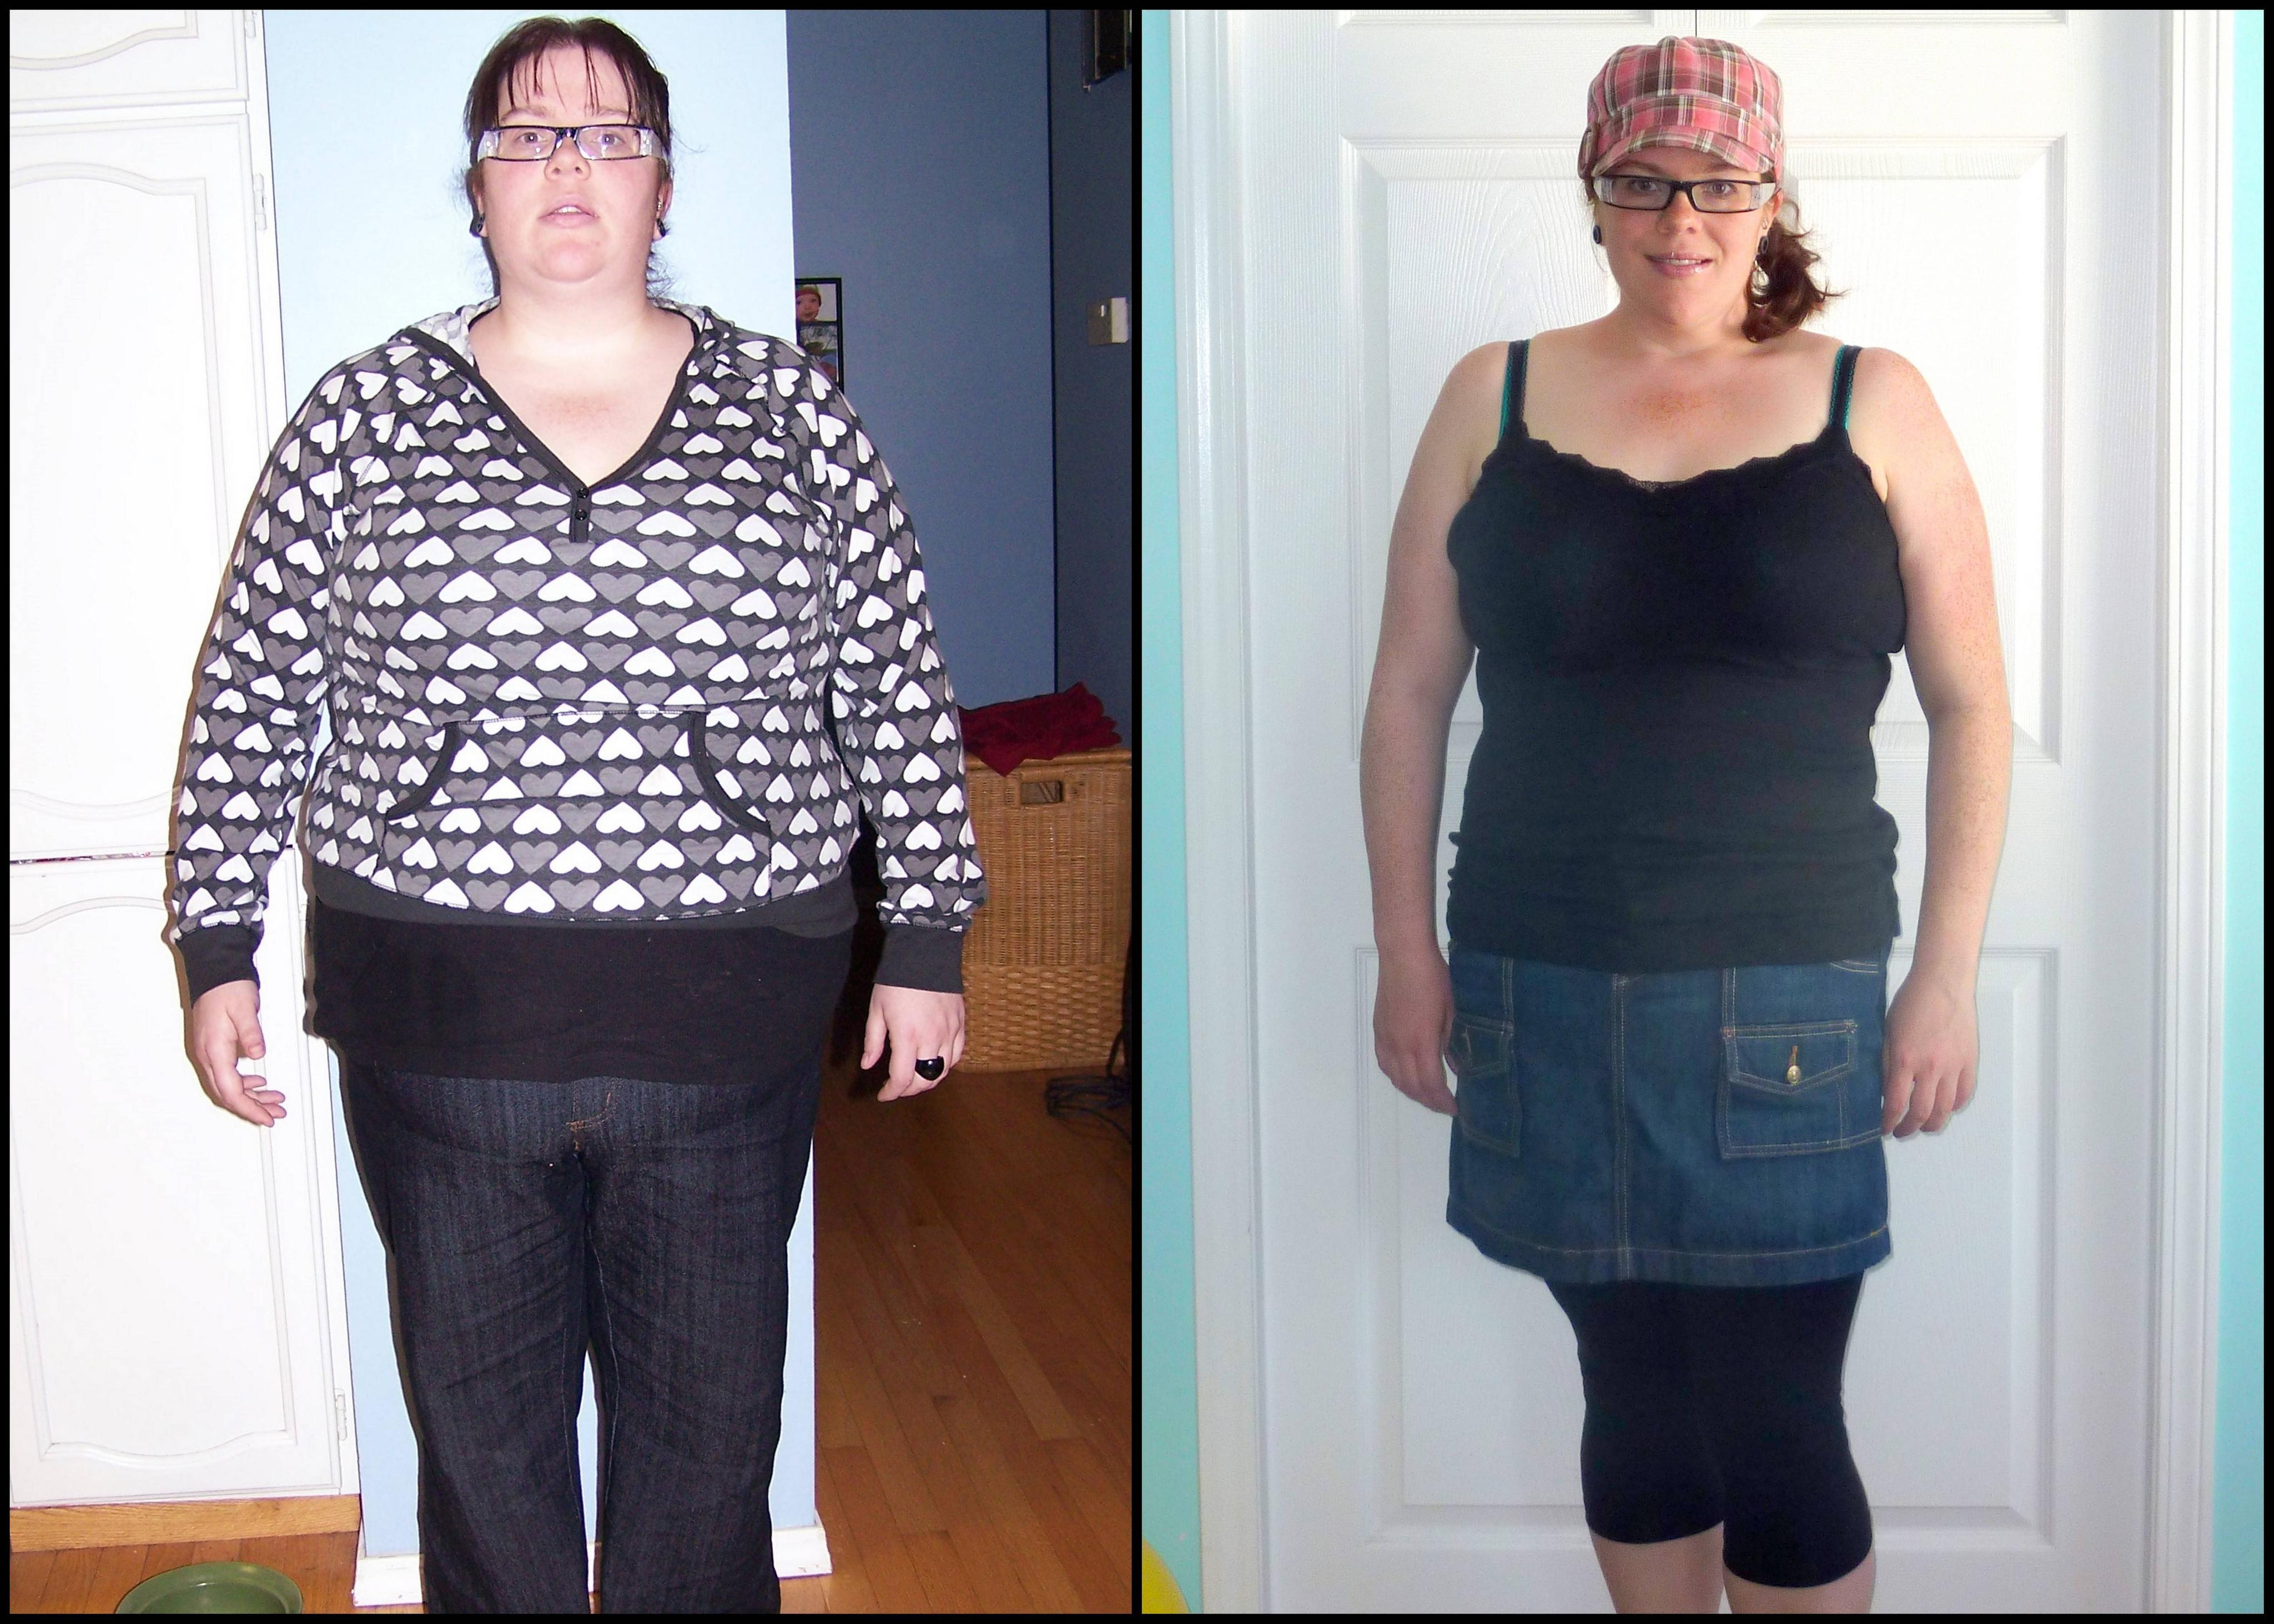 Имбирная Диета Отзывы Фото До И После. Имбирь для похудения – отзывы на рецепты и результаты